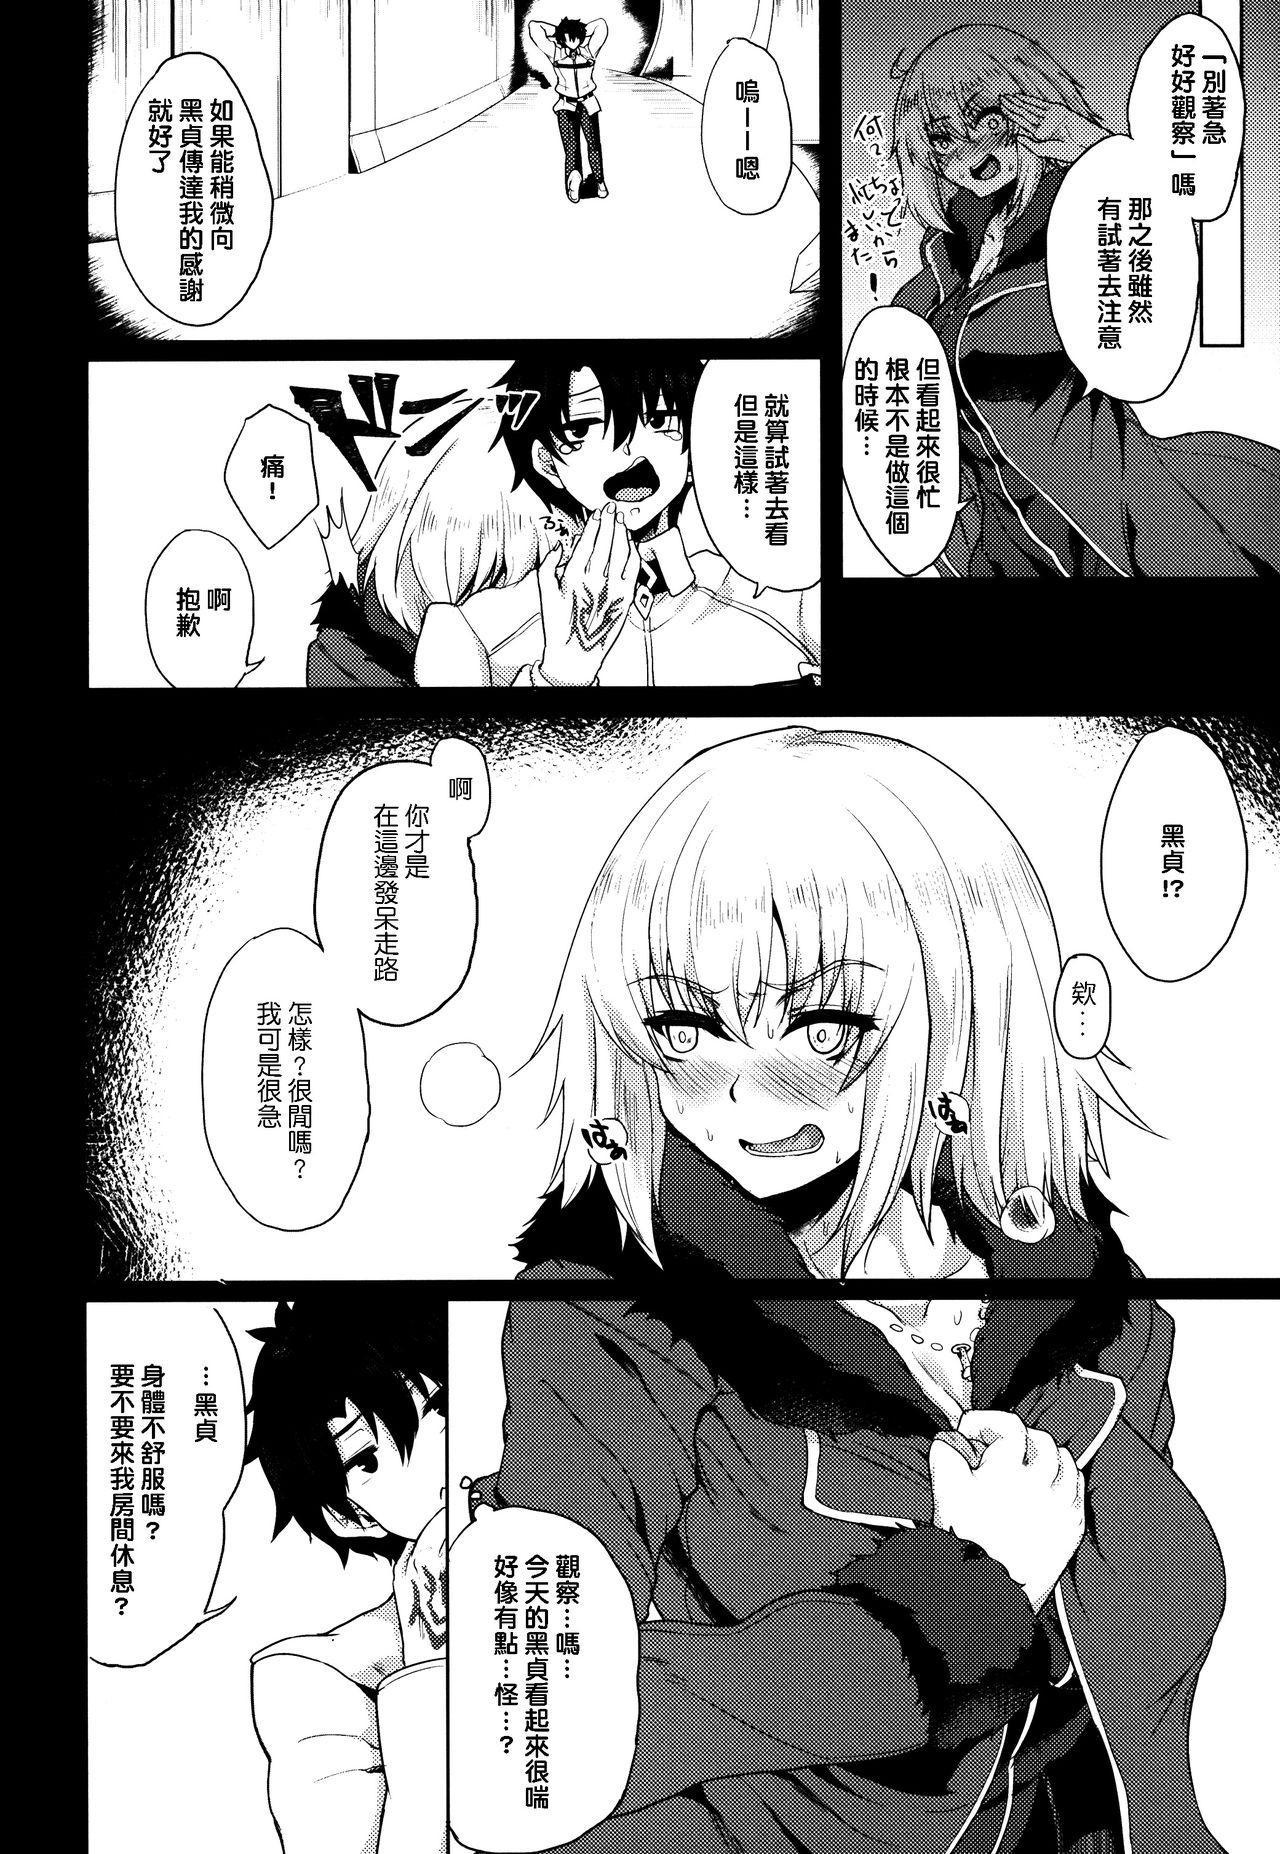 Shoushin no Boku to Oshi ni Yowasugiru Moto Seijo-sama to... 13